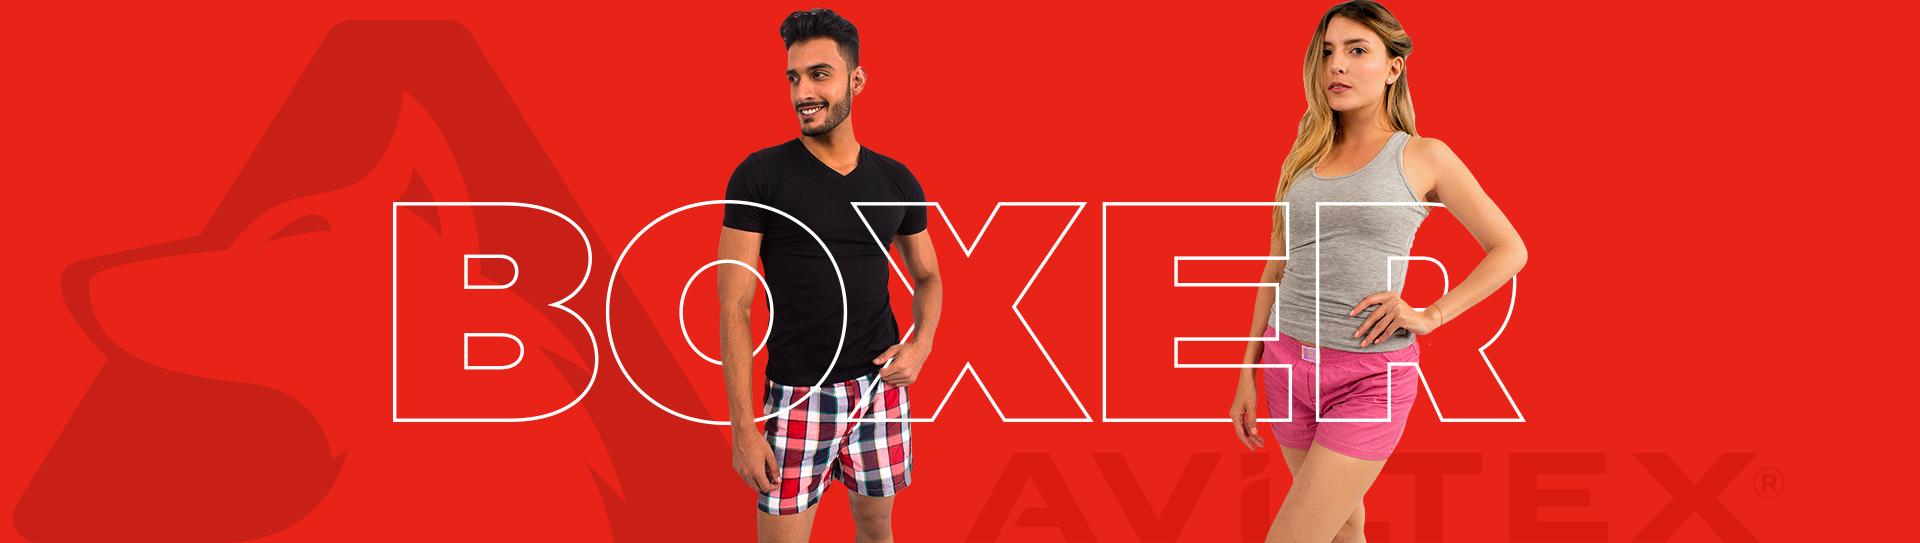 AVILTEX